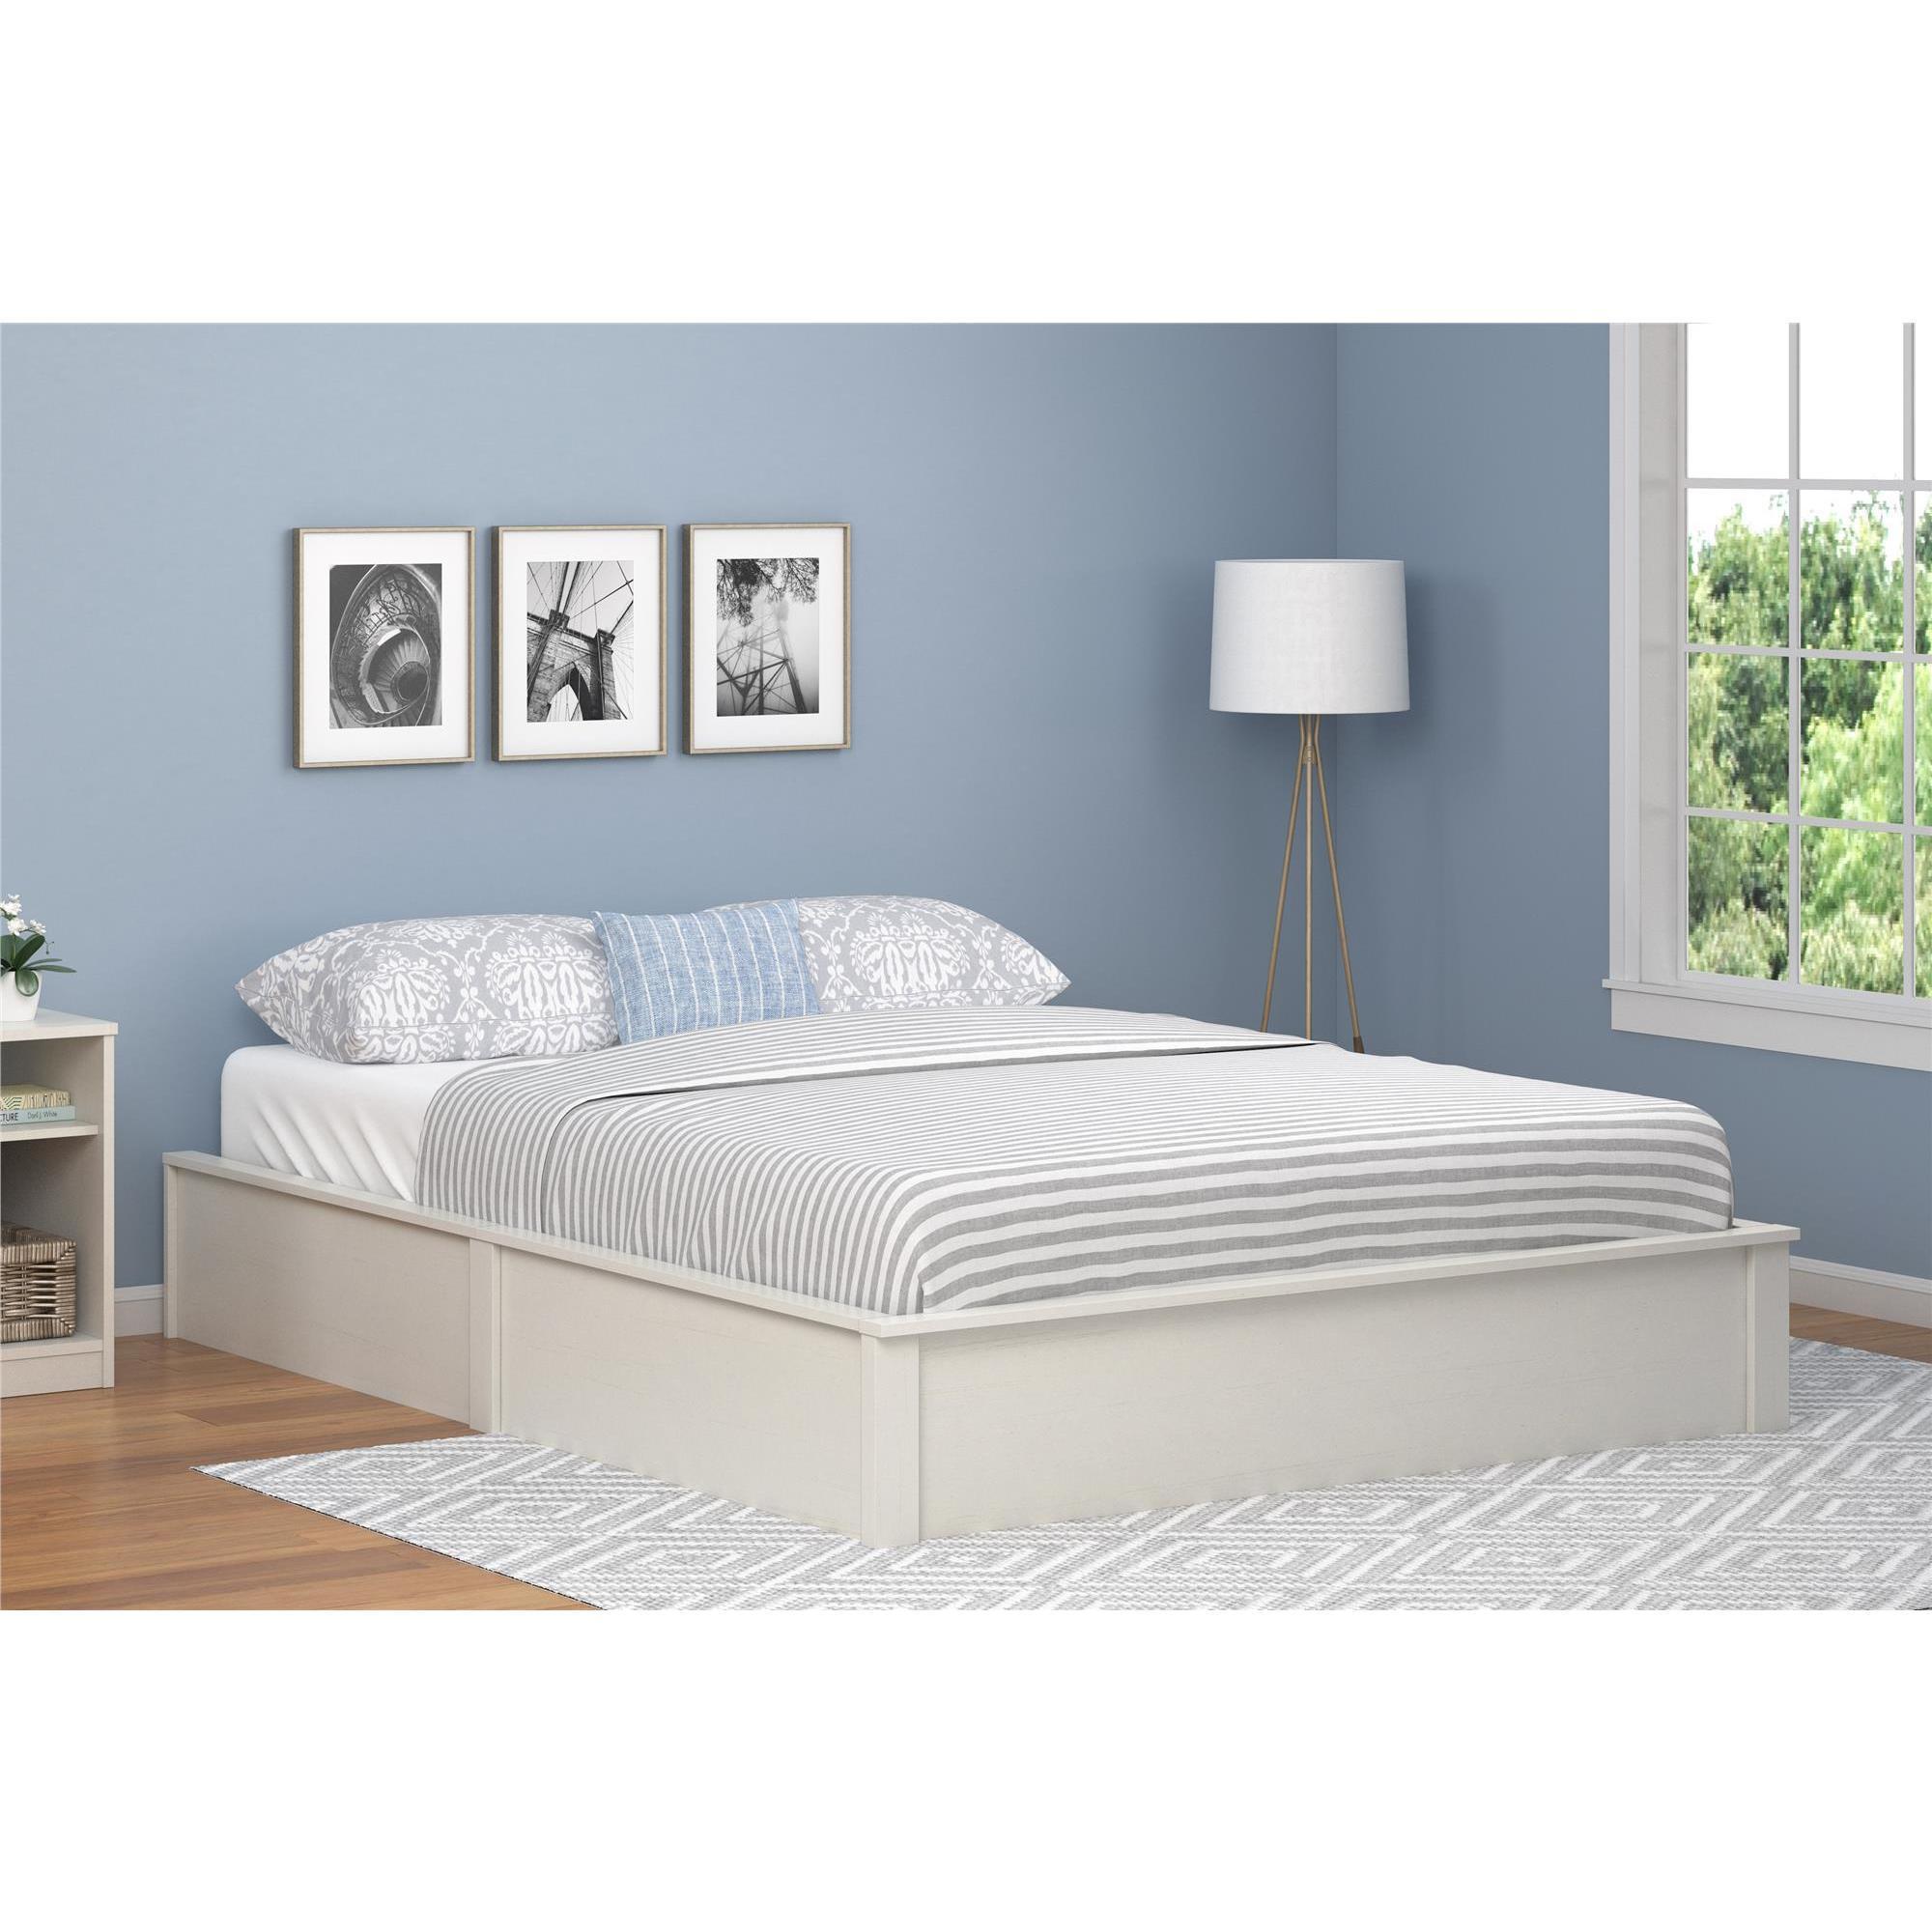 Shop Havenside Home Amelia Platform Queen size Bed Frame   Free